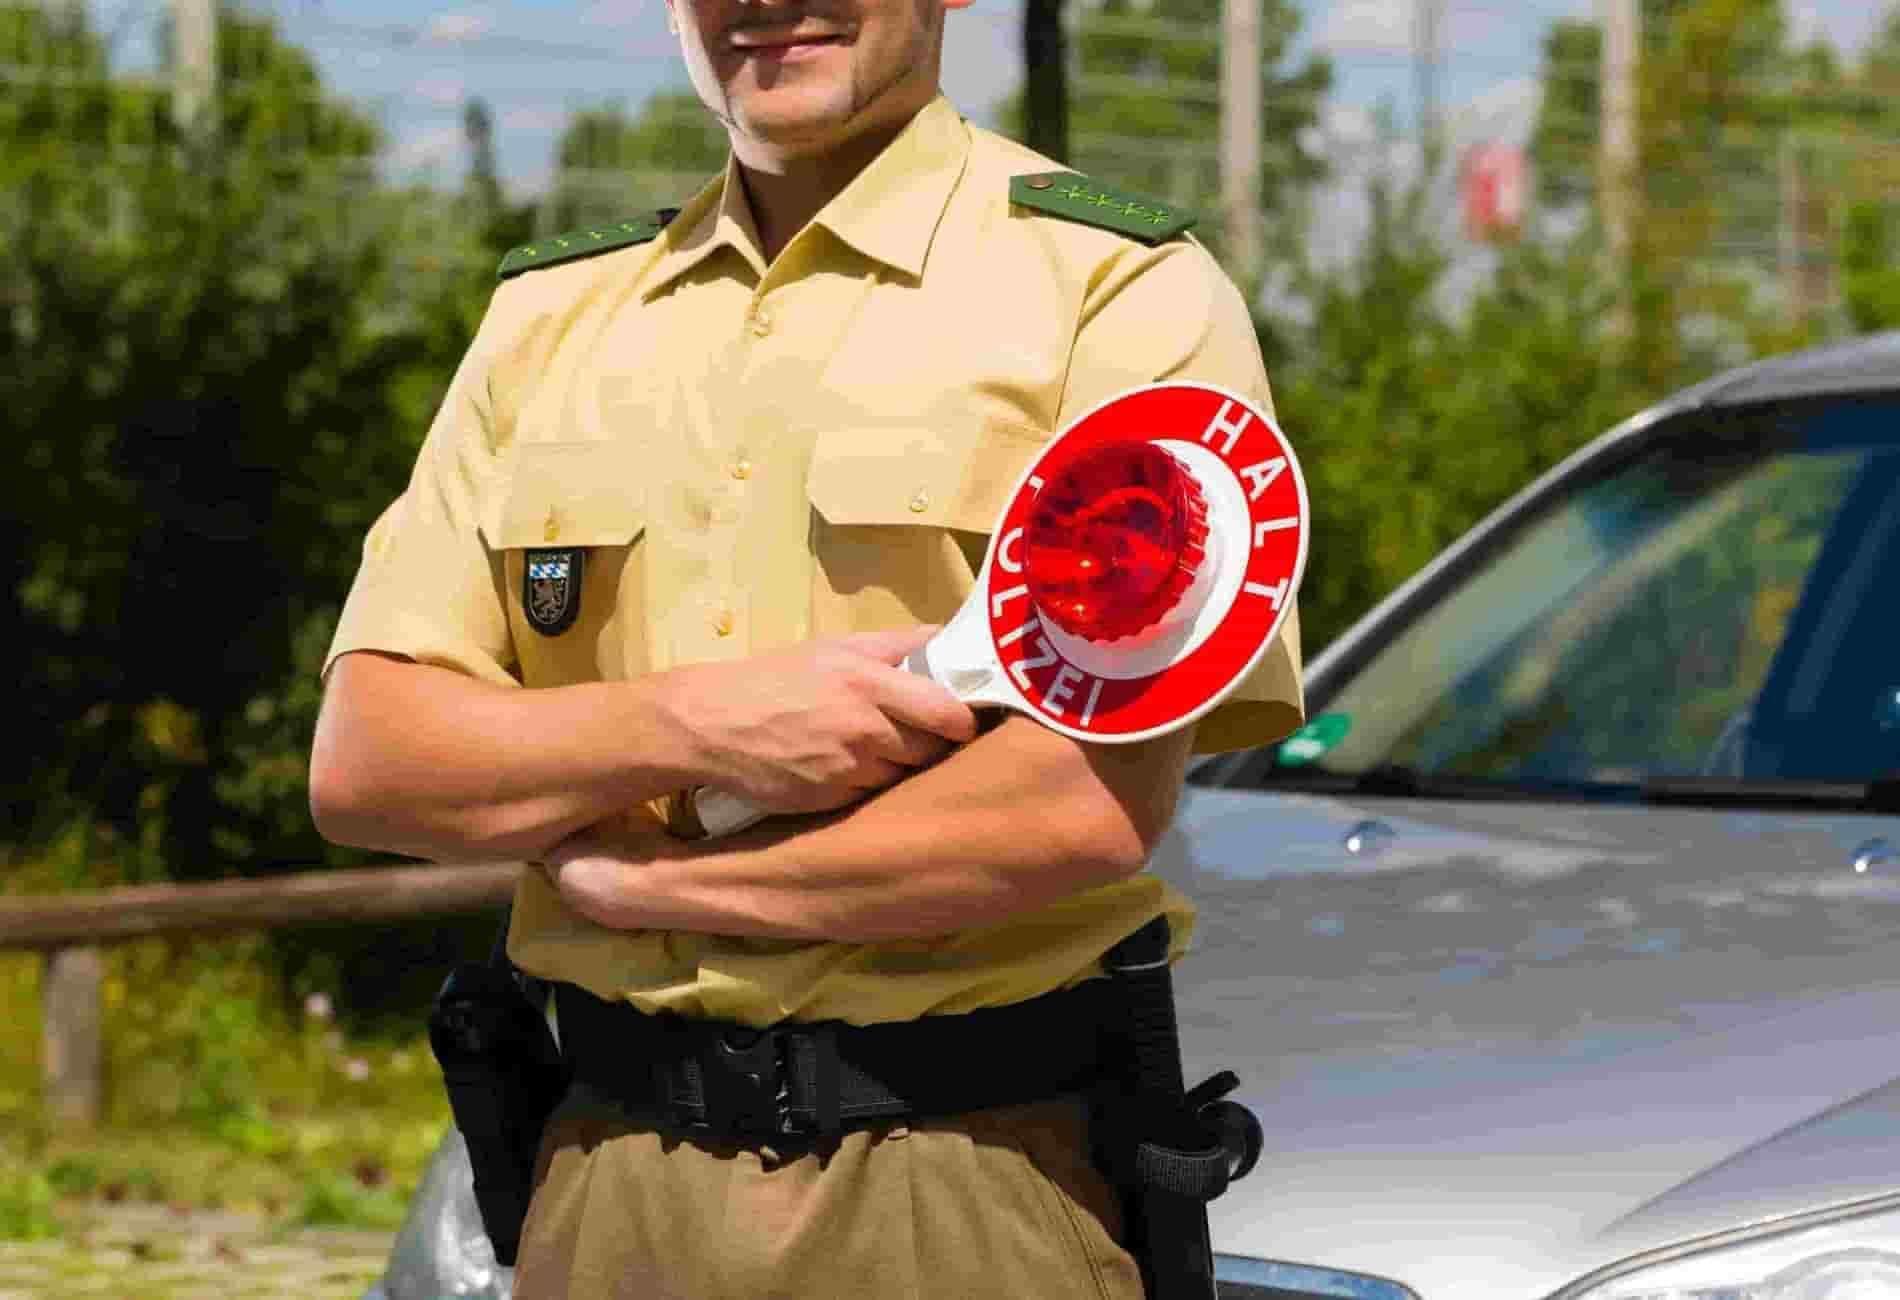 Polizei Krankenversicherung Anwartschaftsversicherung freie Heilfürsorge